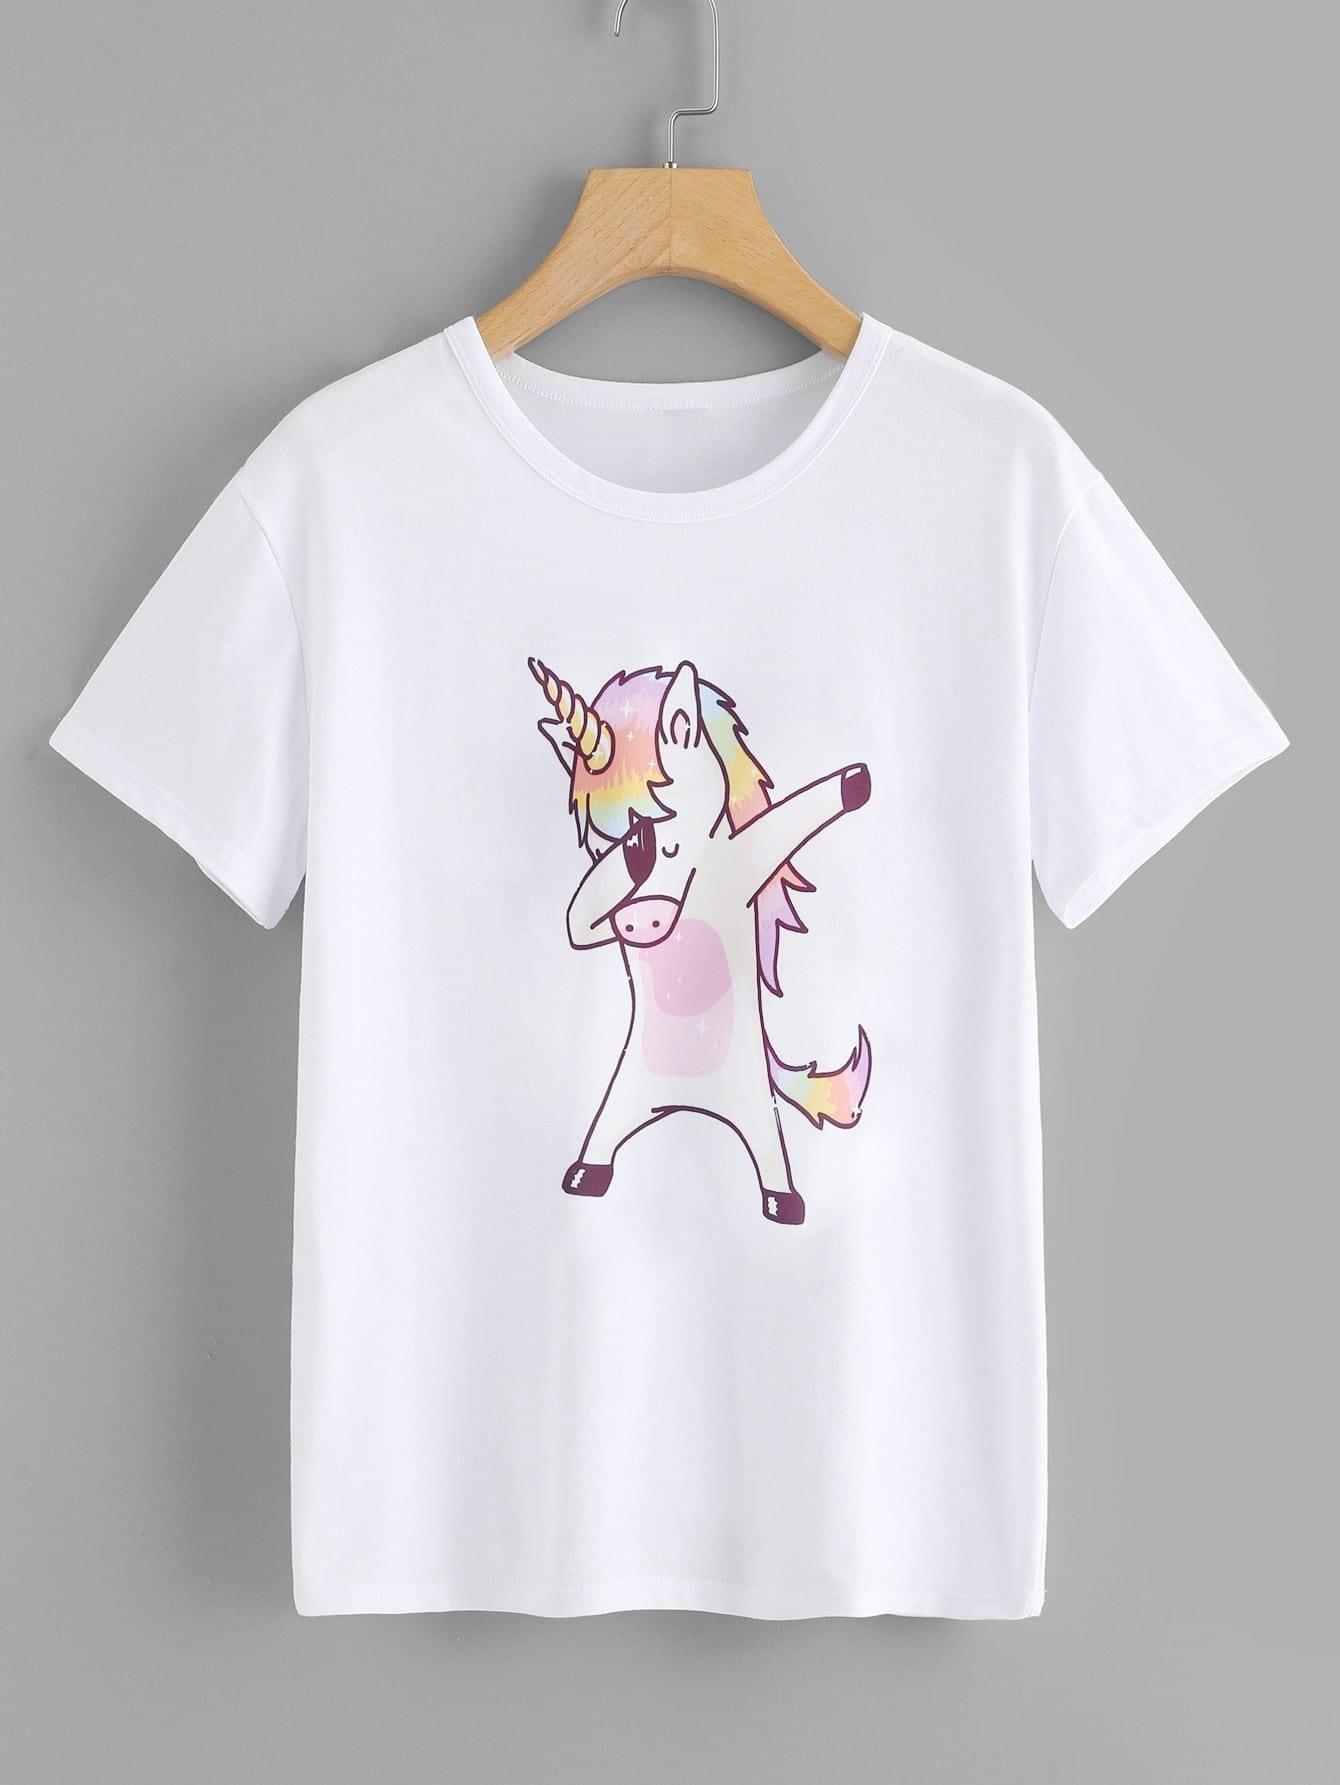 Cartoon Print Tshirt